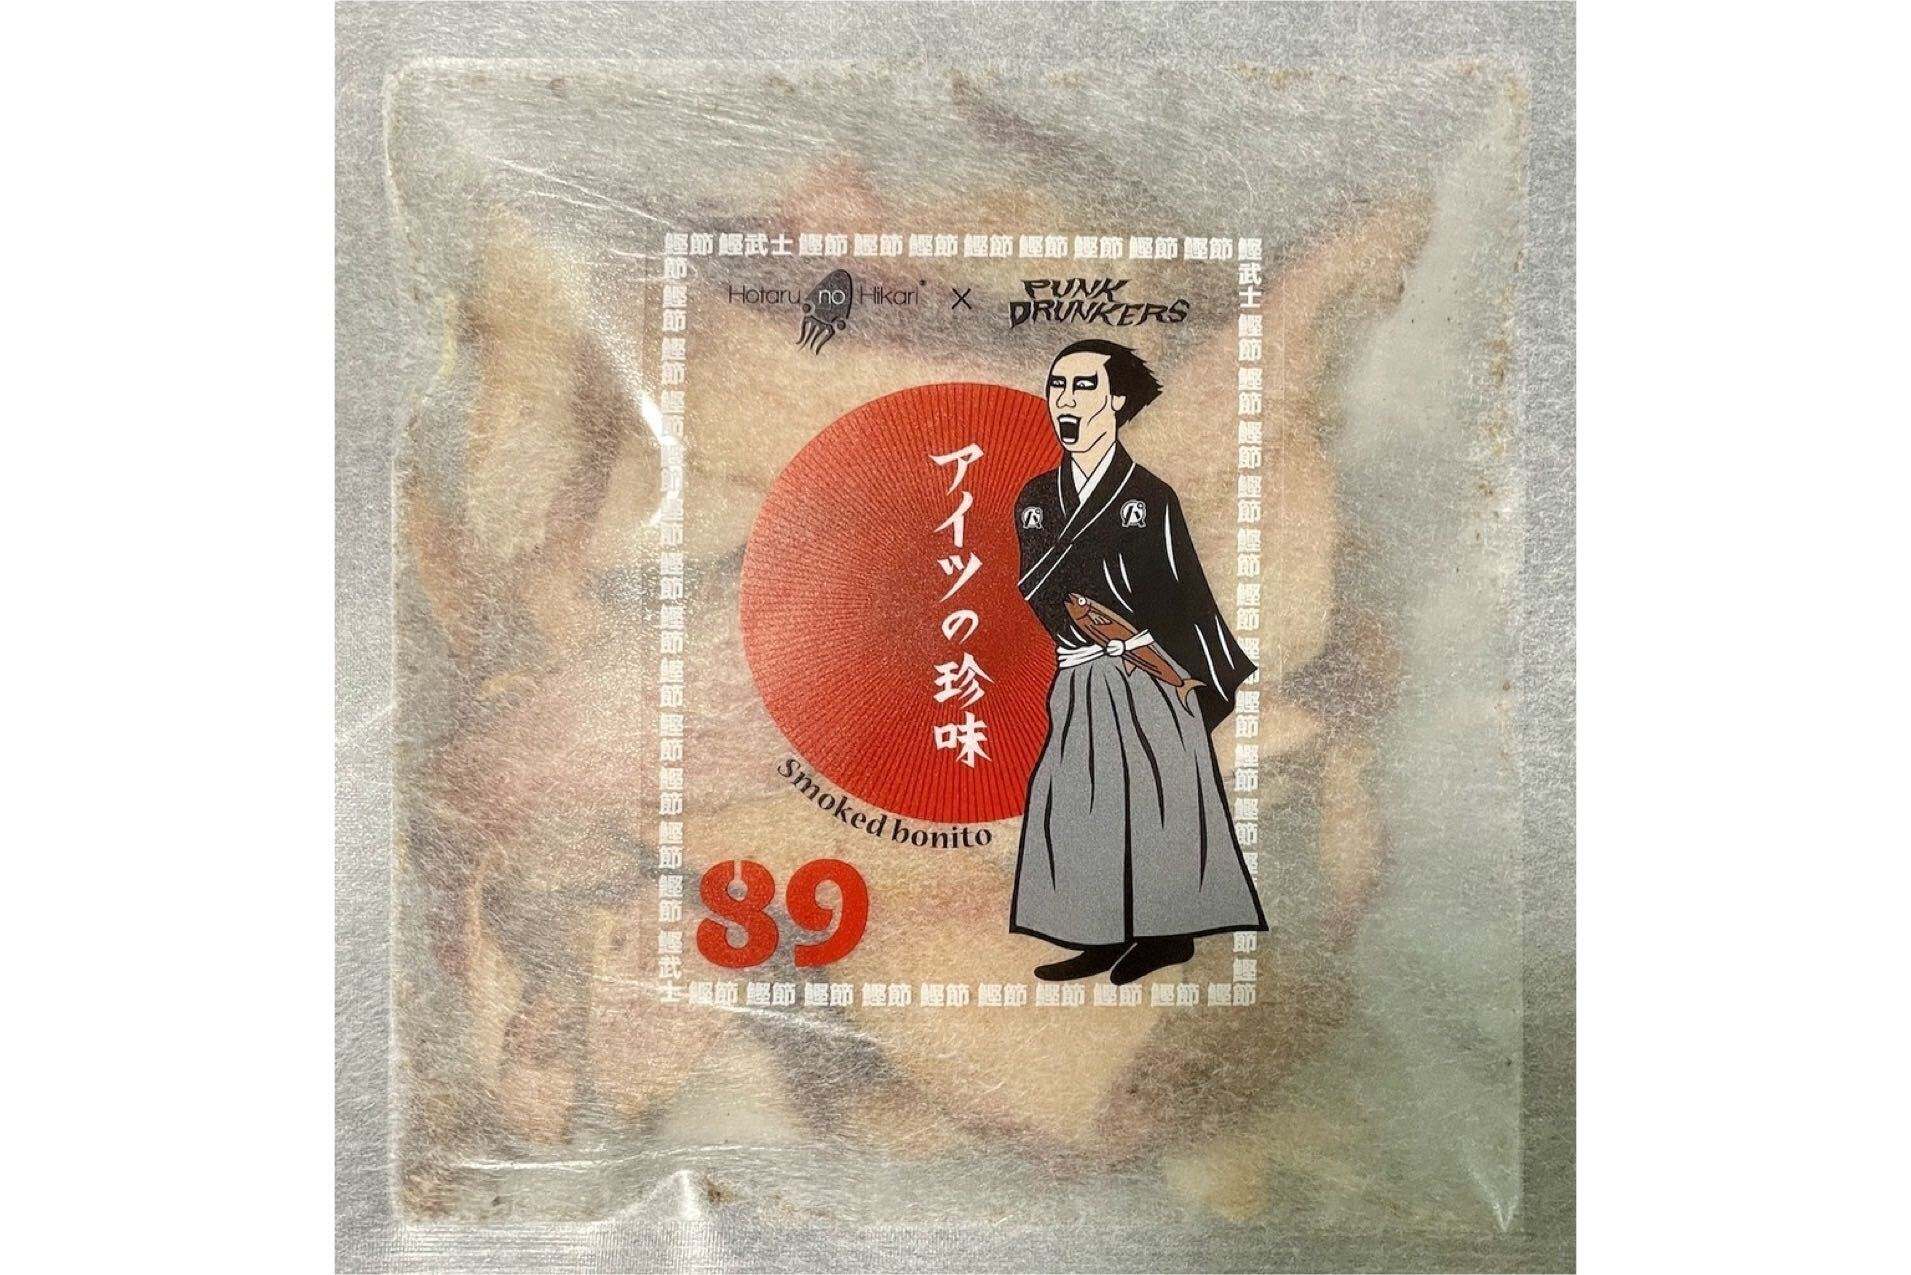 ホタルノヒカリ5周年、大丸心斎橋店オープン記念コラボ商品